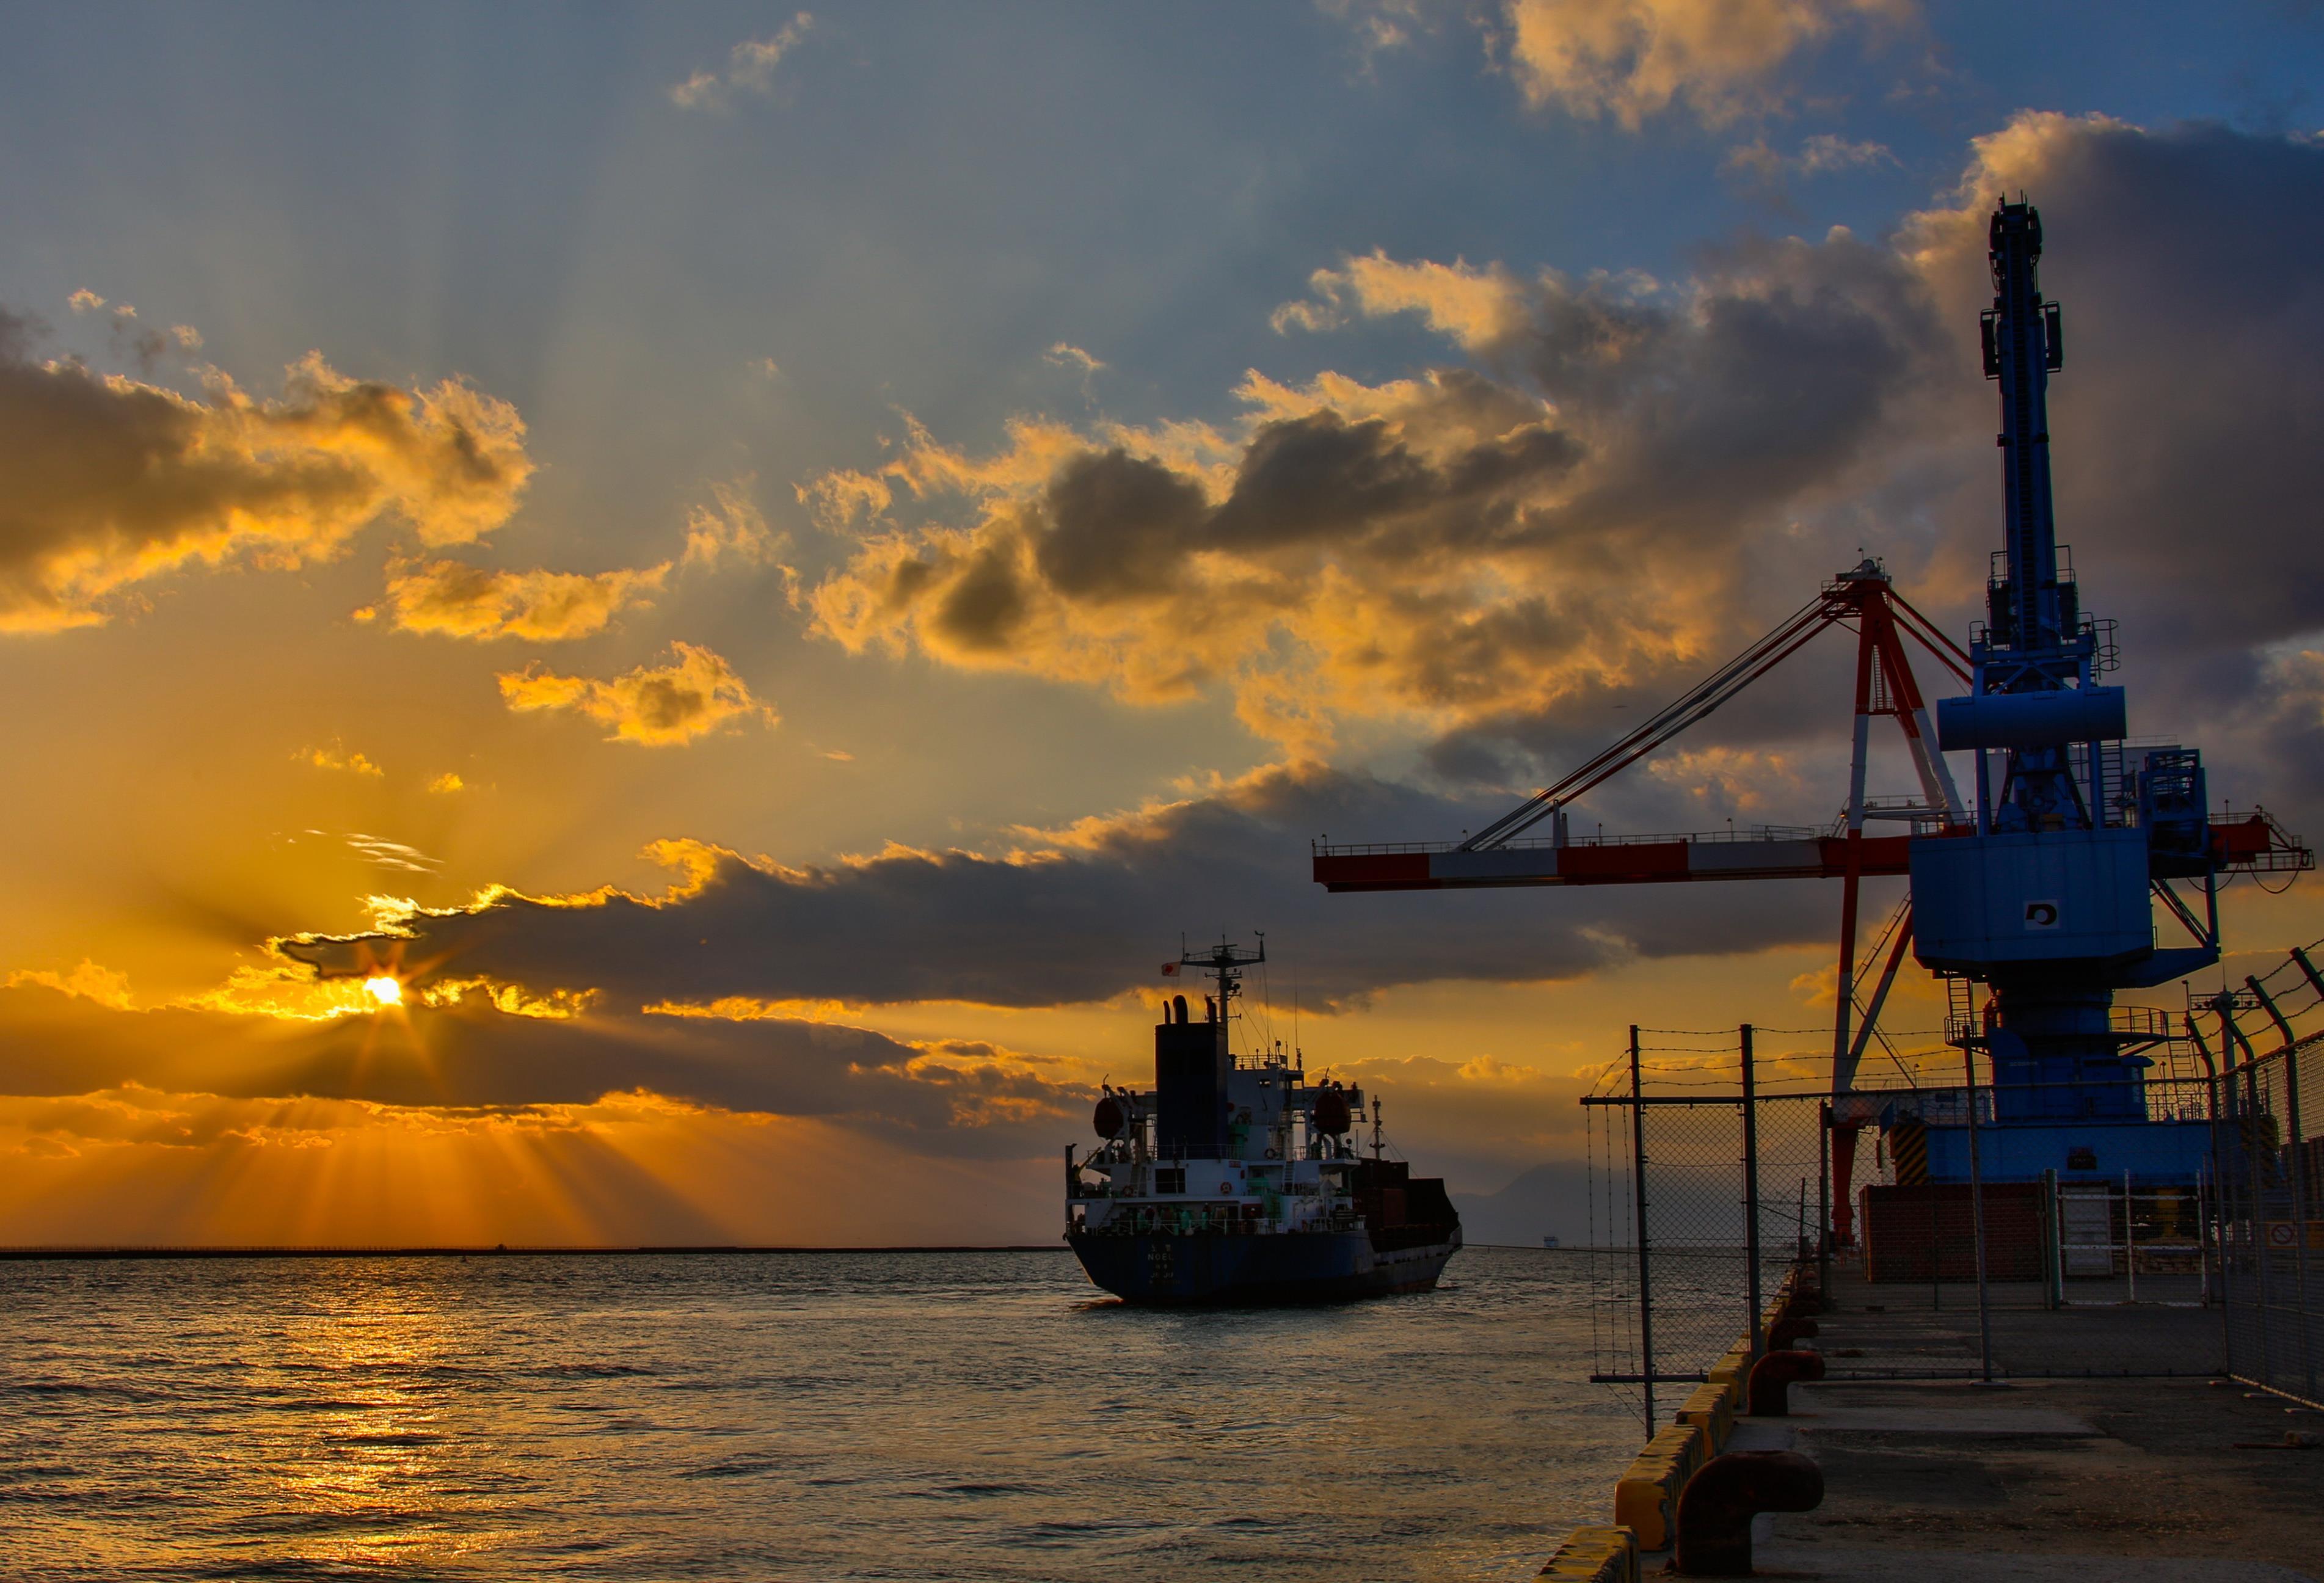 落陽の熊本港